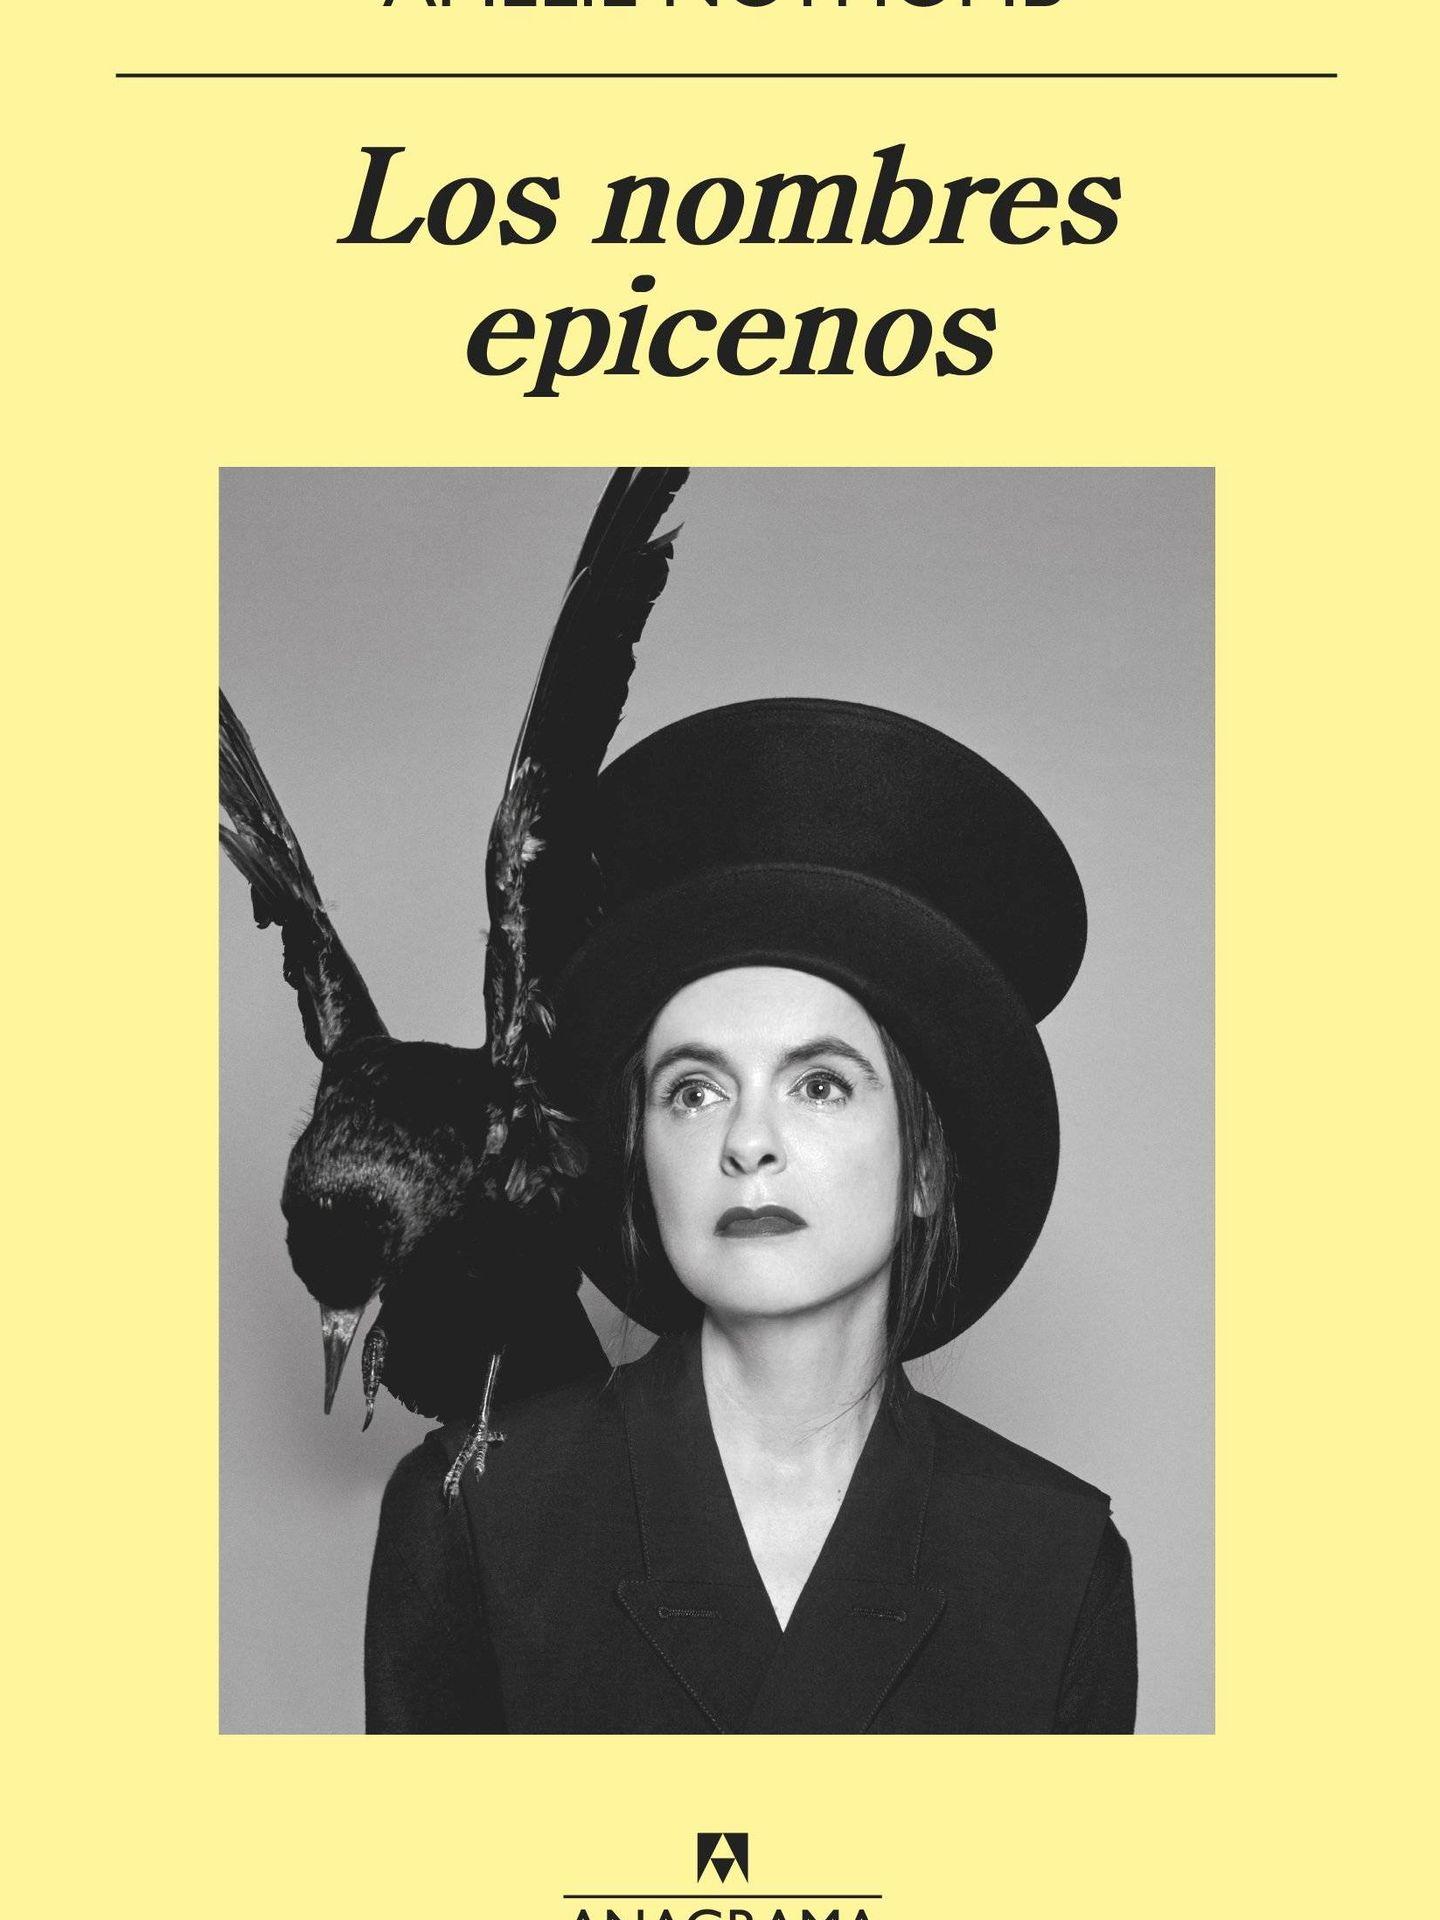 'Los nombres epicenos'.